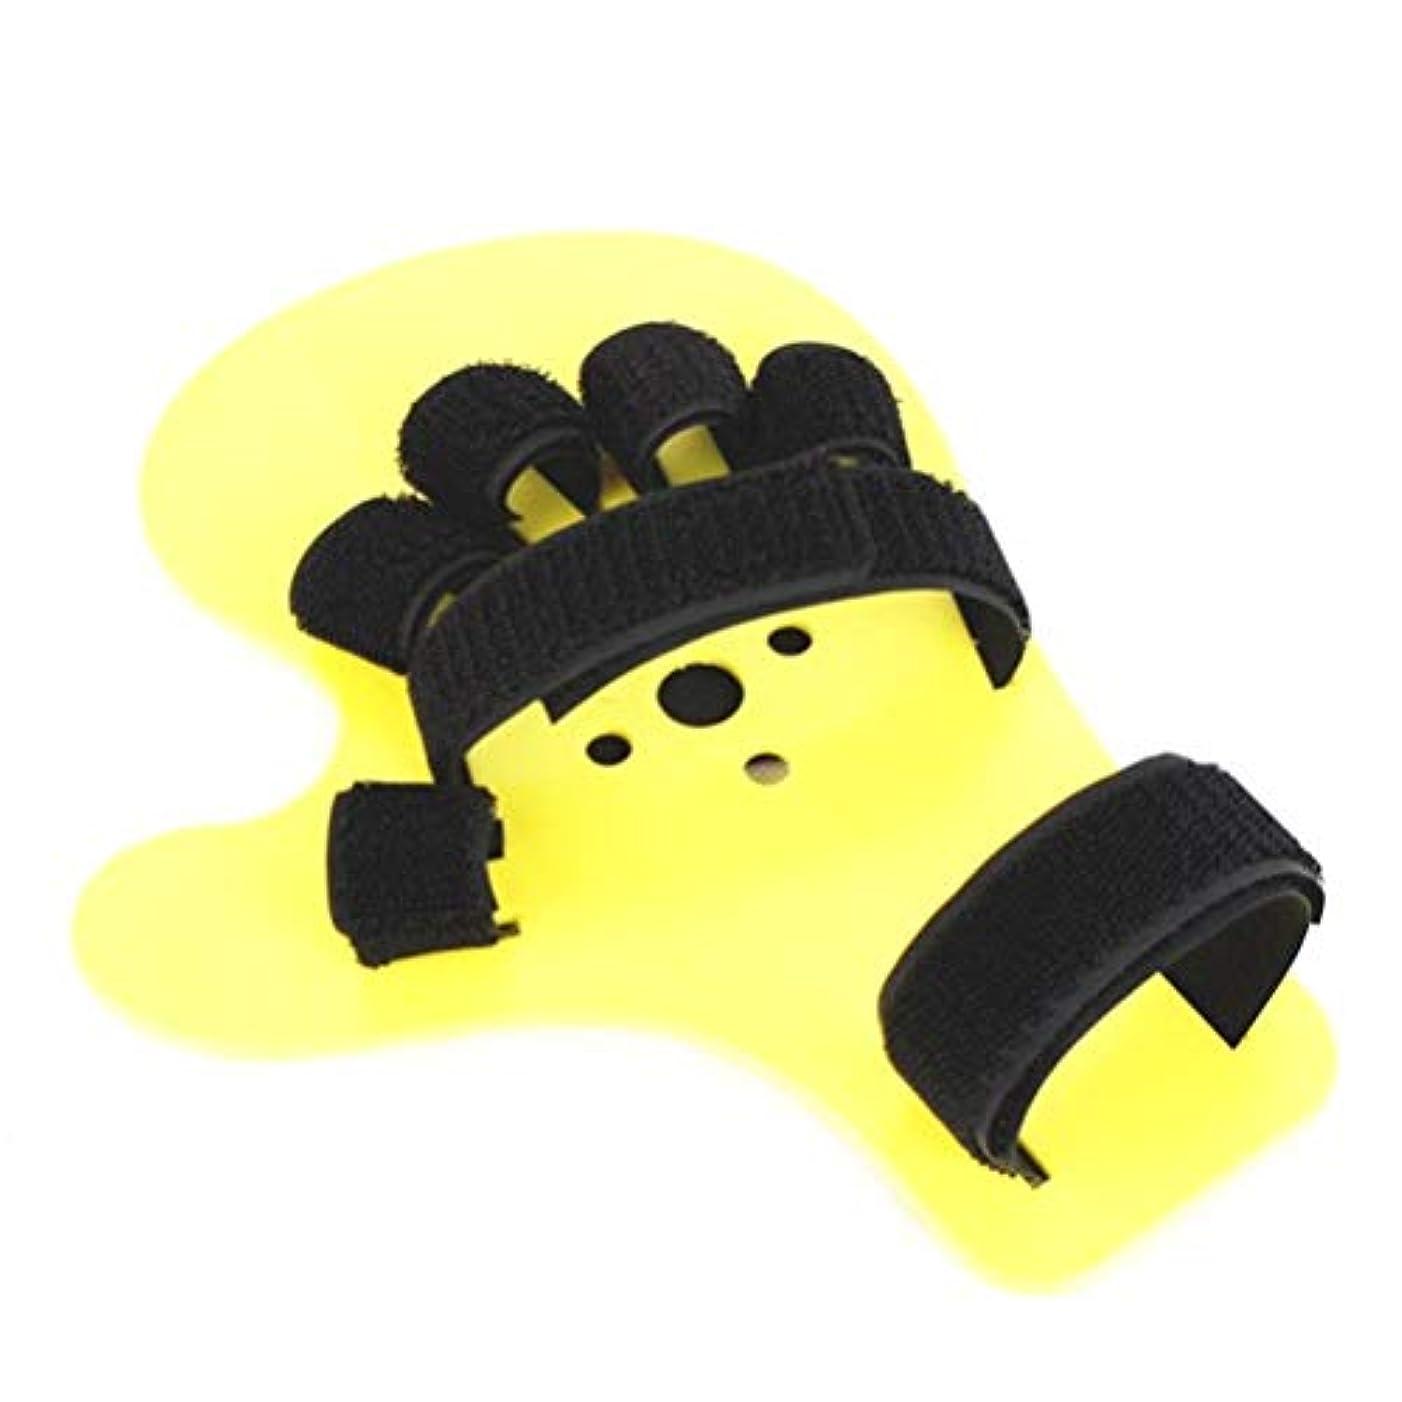 時計回り不変手書きABS調節可能な大人の指のトレーニング機器、/片麻痺/外傷性脳損傷リハビリテーション機器-左利きと右利き脳卒中の指インソール指ポイント